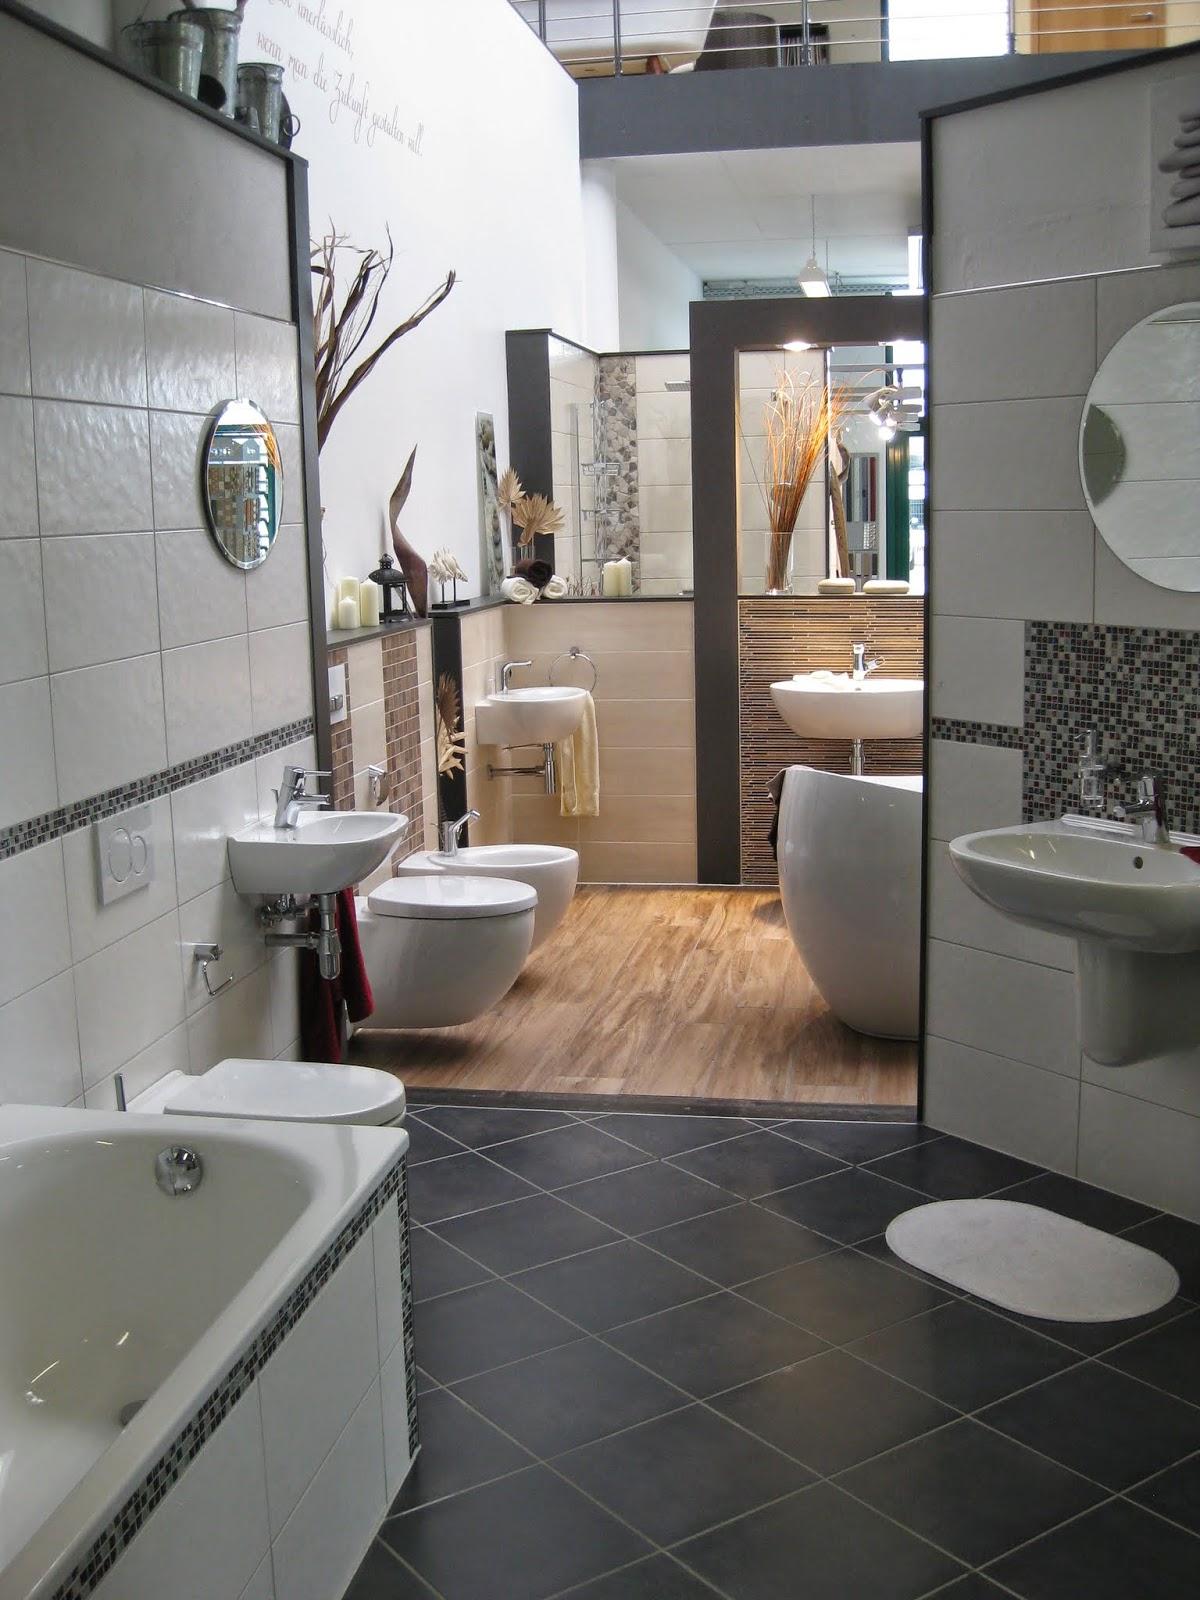 wir bauen ein okal haus die bemusterung. Black Bedroom Furniture Sets. Home Design Ideas